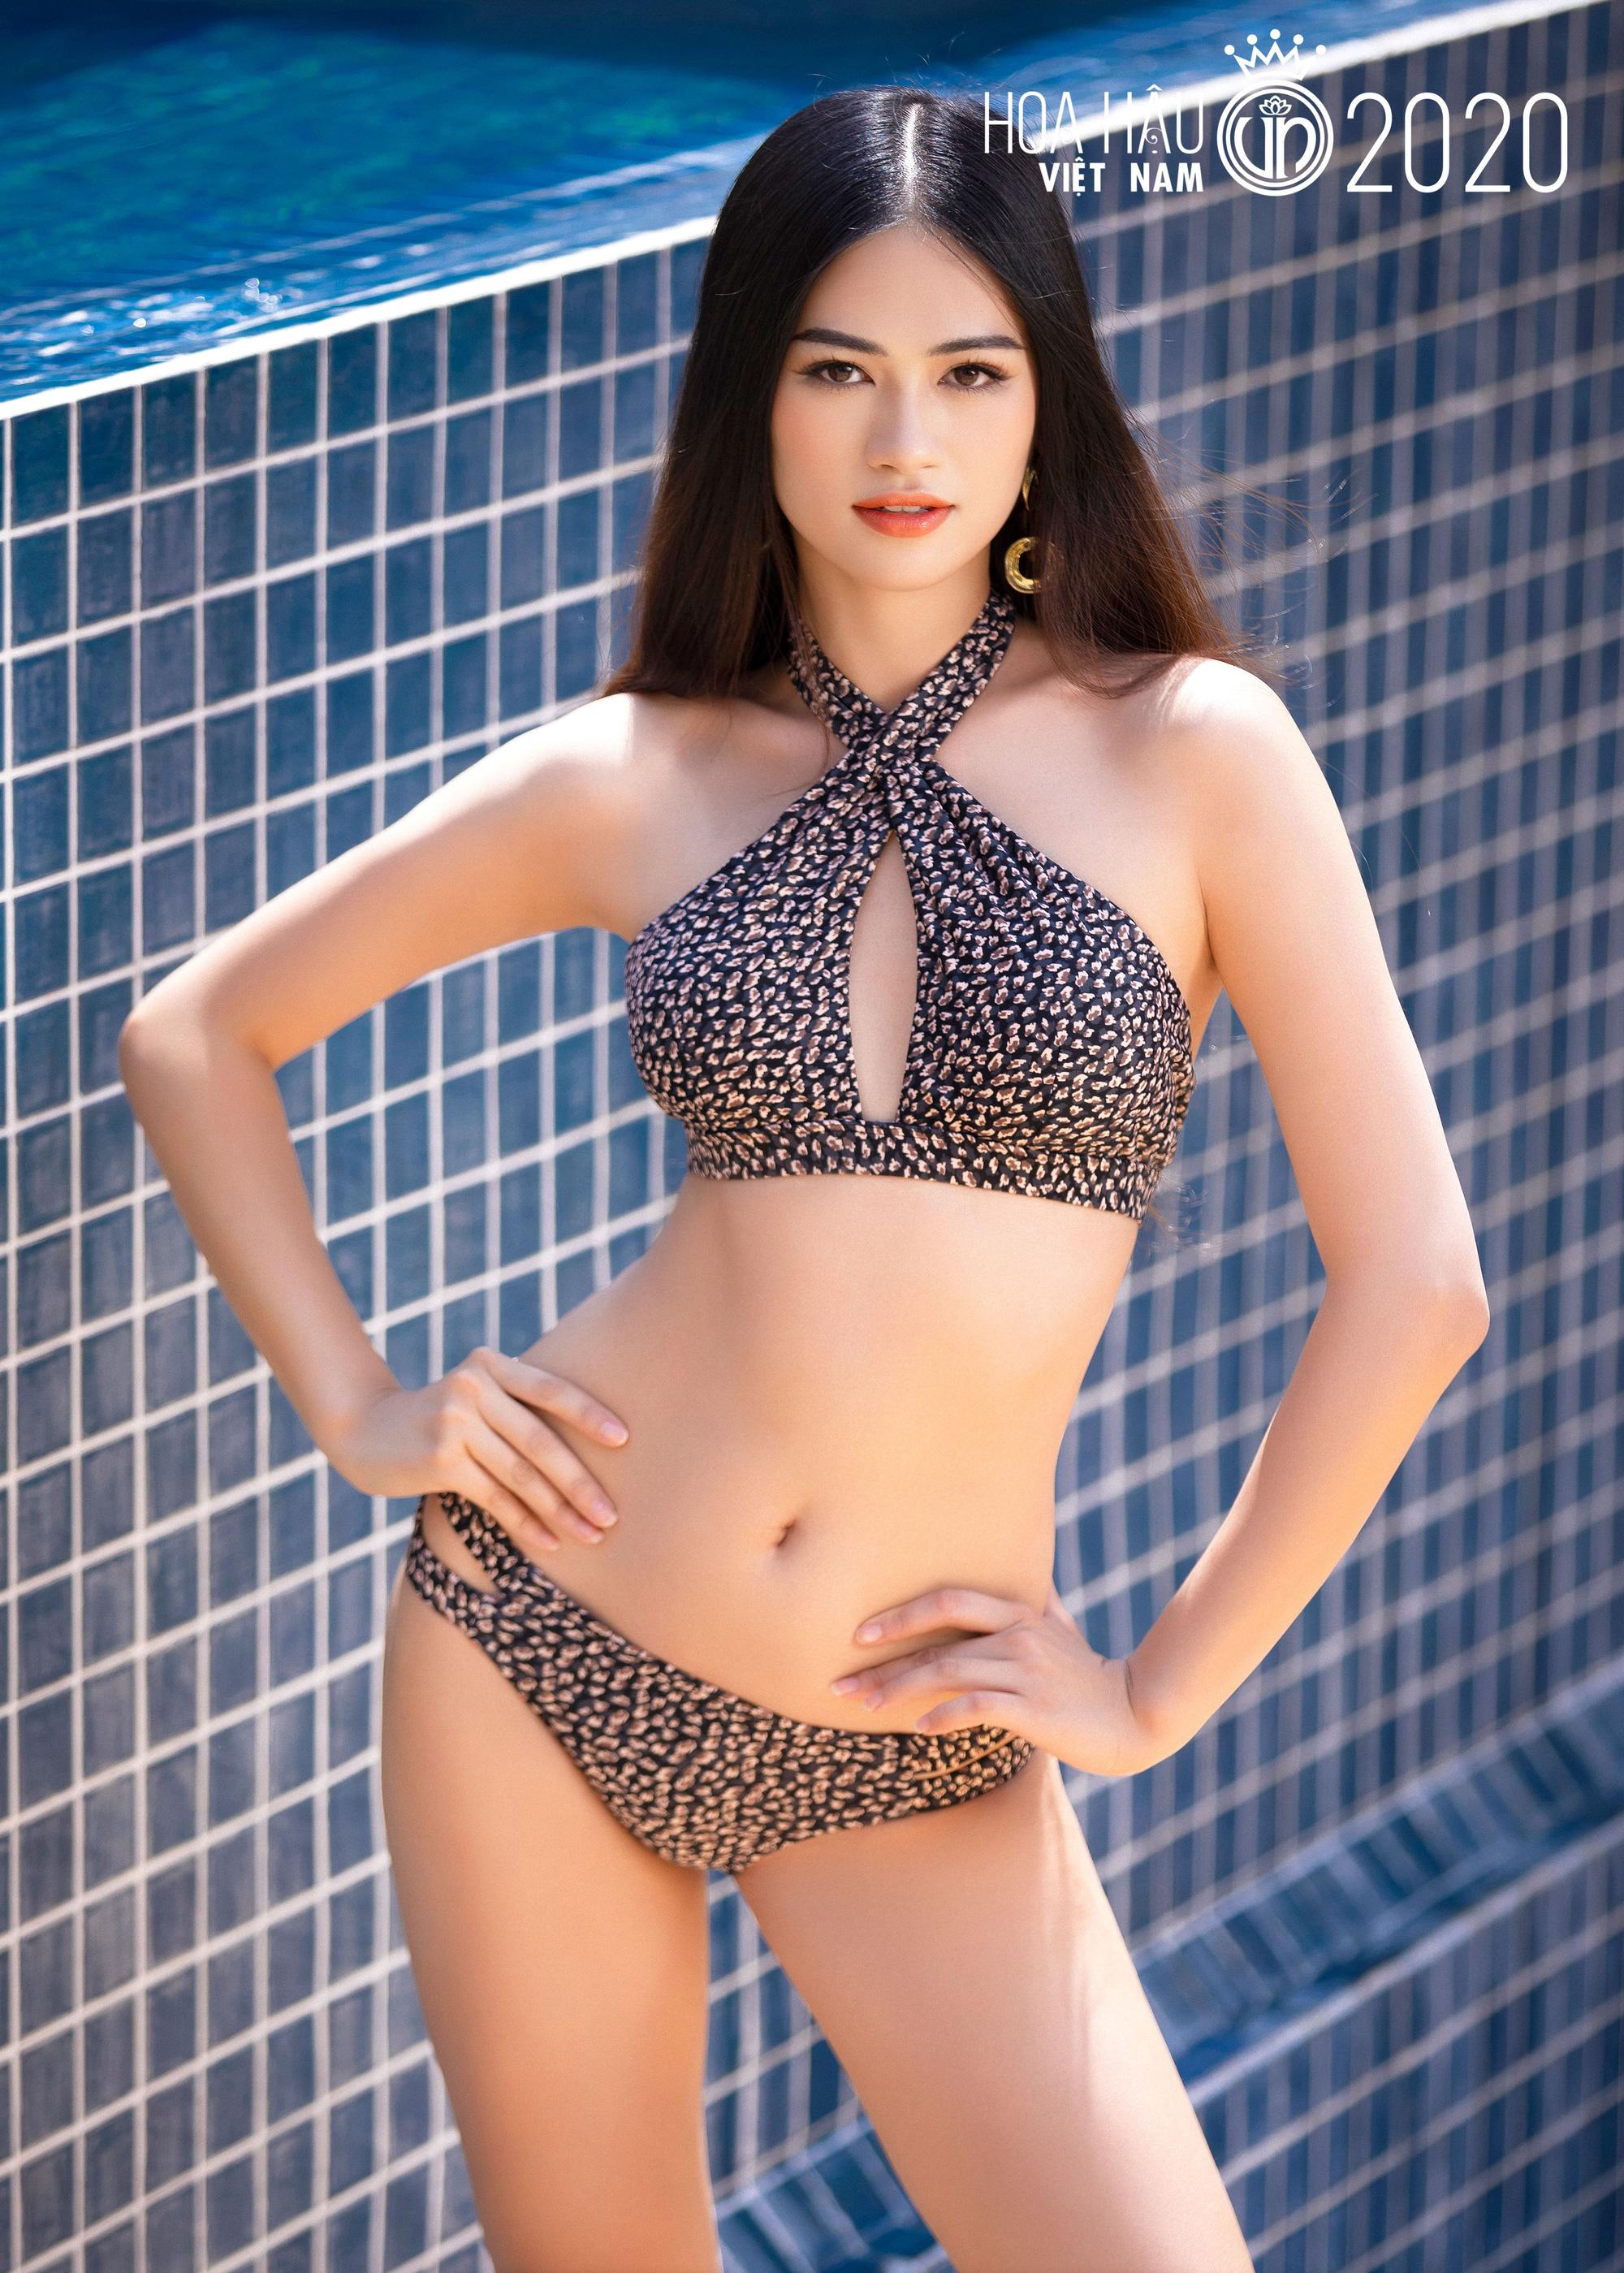 """5 mỹ nhân Hoa hậu Việt Nam 2020 mặc bikini quyến rũ """"đốt mắt"""" dự đoán """"soán ngôi"""" Trần Tiểu Vy là ai? - Ảnh 16."""